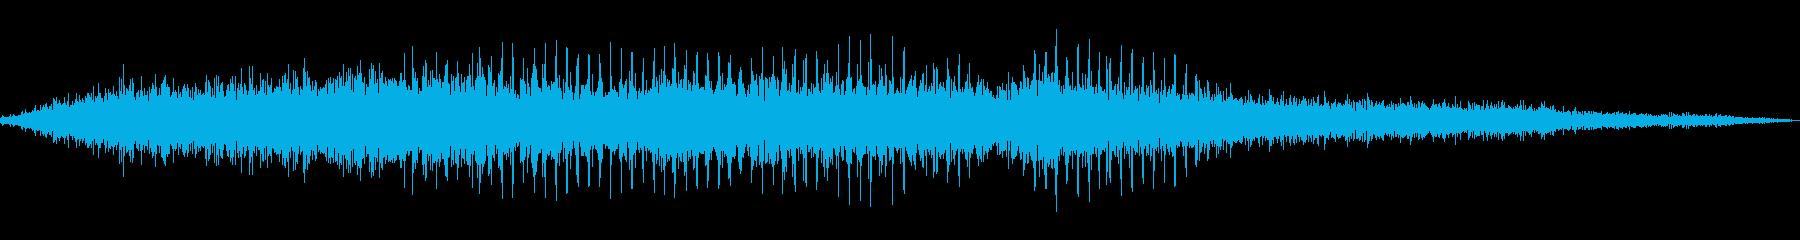 ヘリコプター/プロペラ/飛行音!01の再生済みの波形